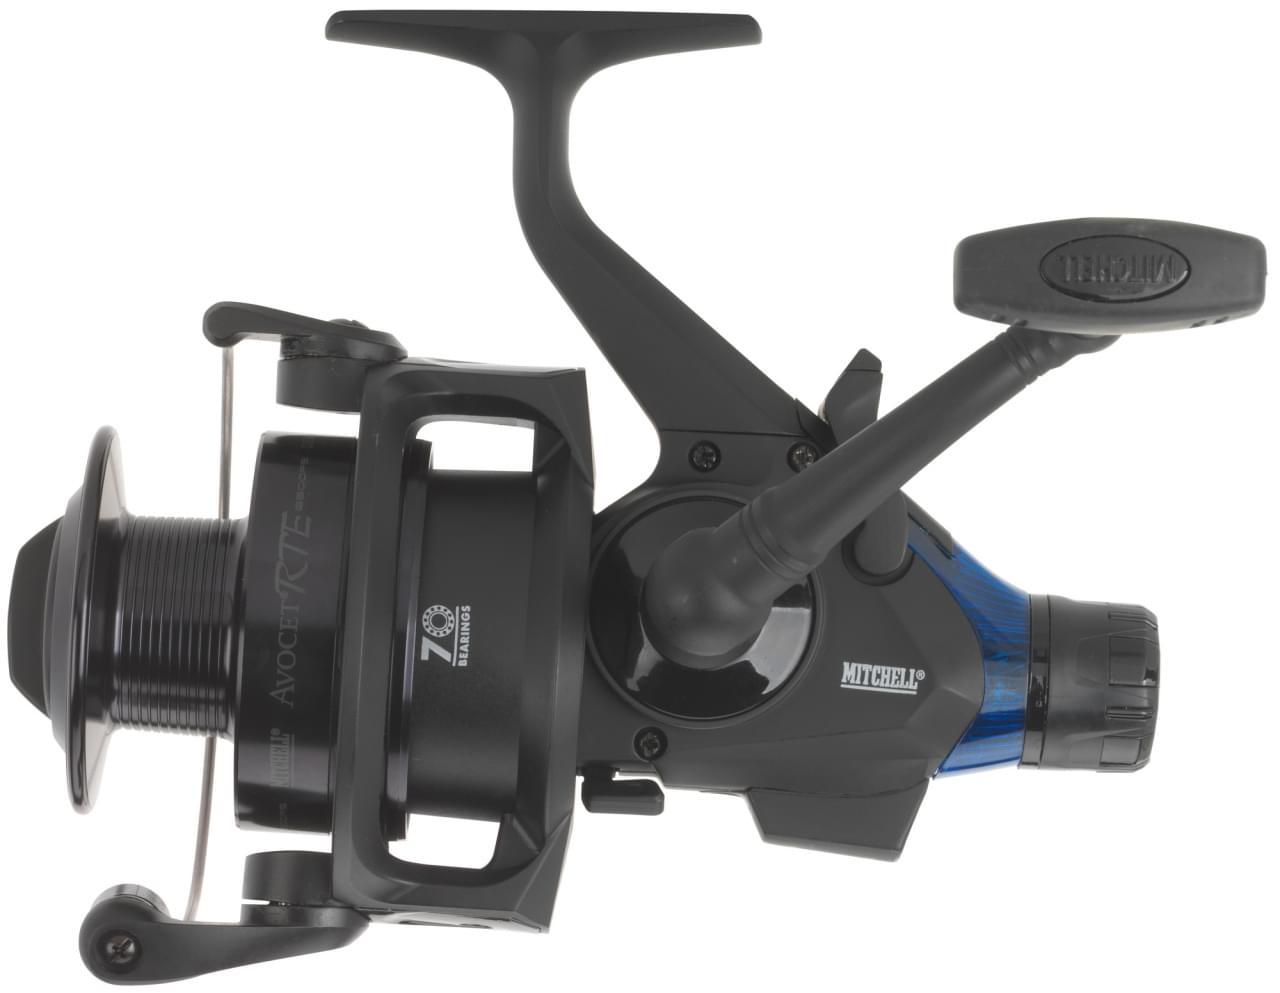 Mitchell Avocet 6500 FS RTE Black Edition Baitrunner